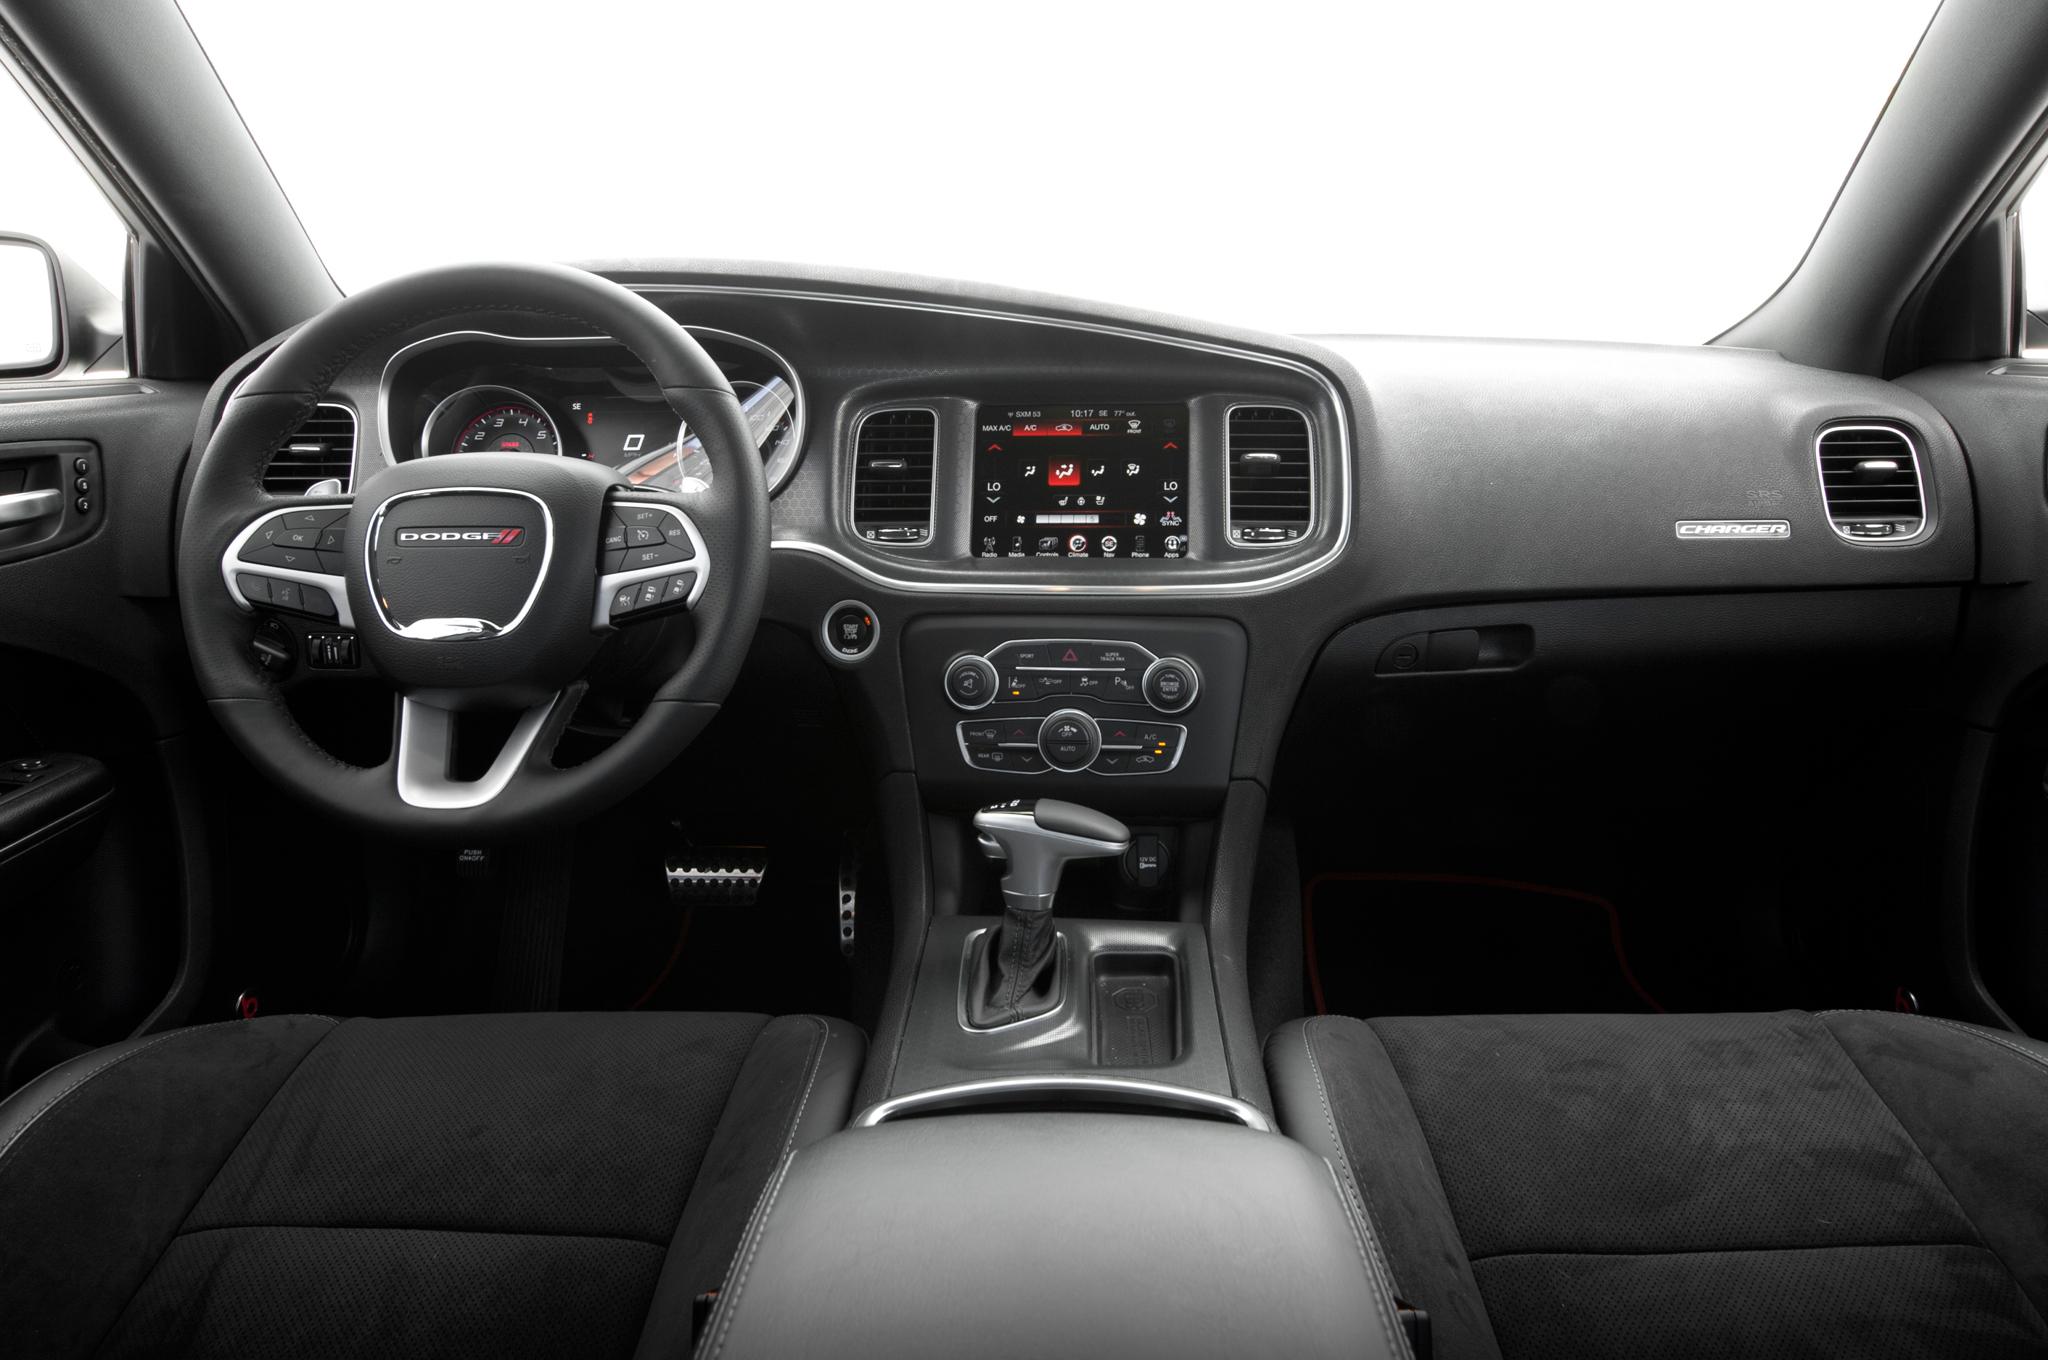 2015 Dodge Charger Dashboard Details